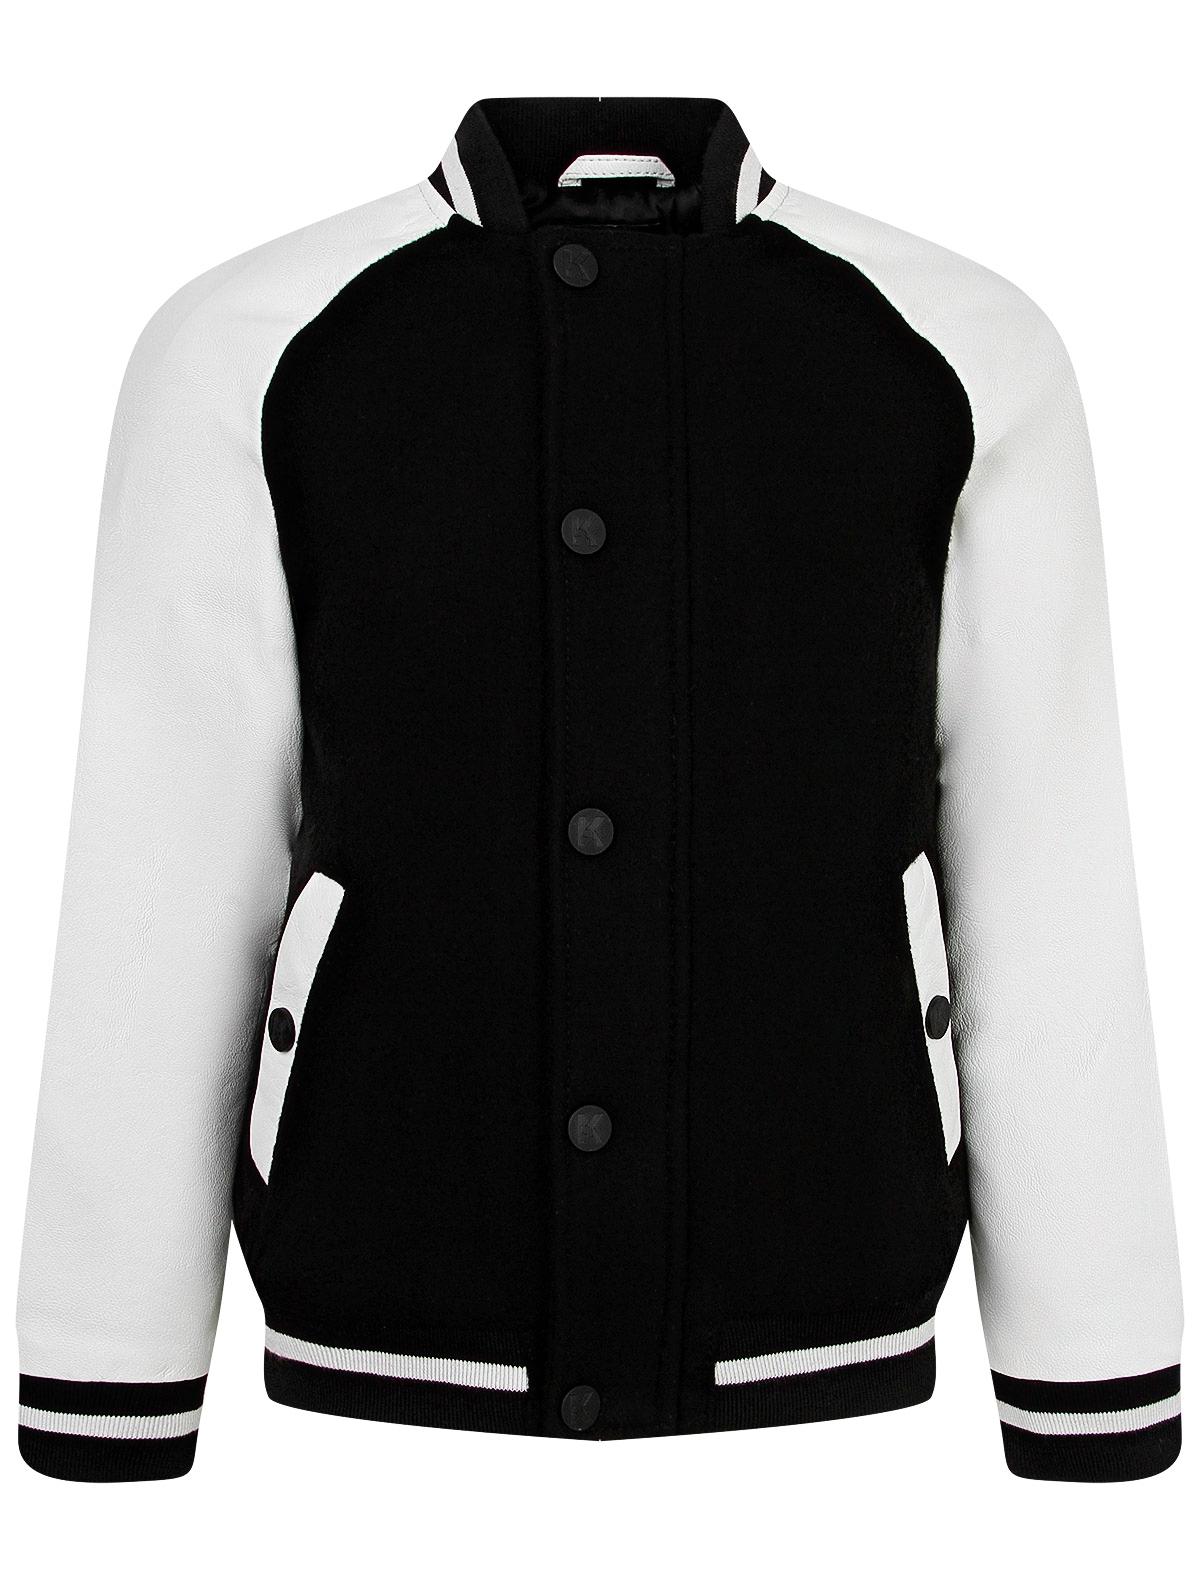 Купить Куртка KARL LAGERFELD для мальчиков Z26068 N50 черный 140,